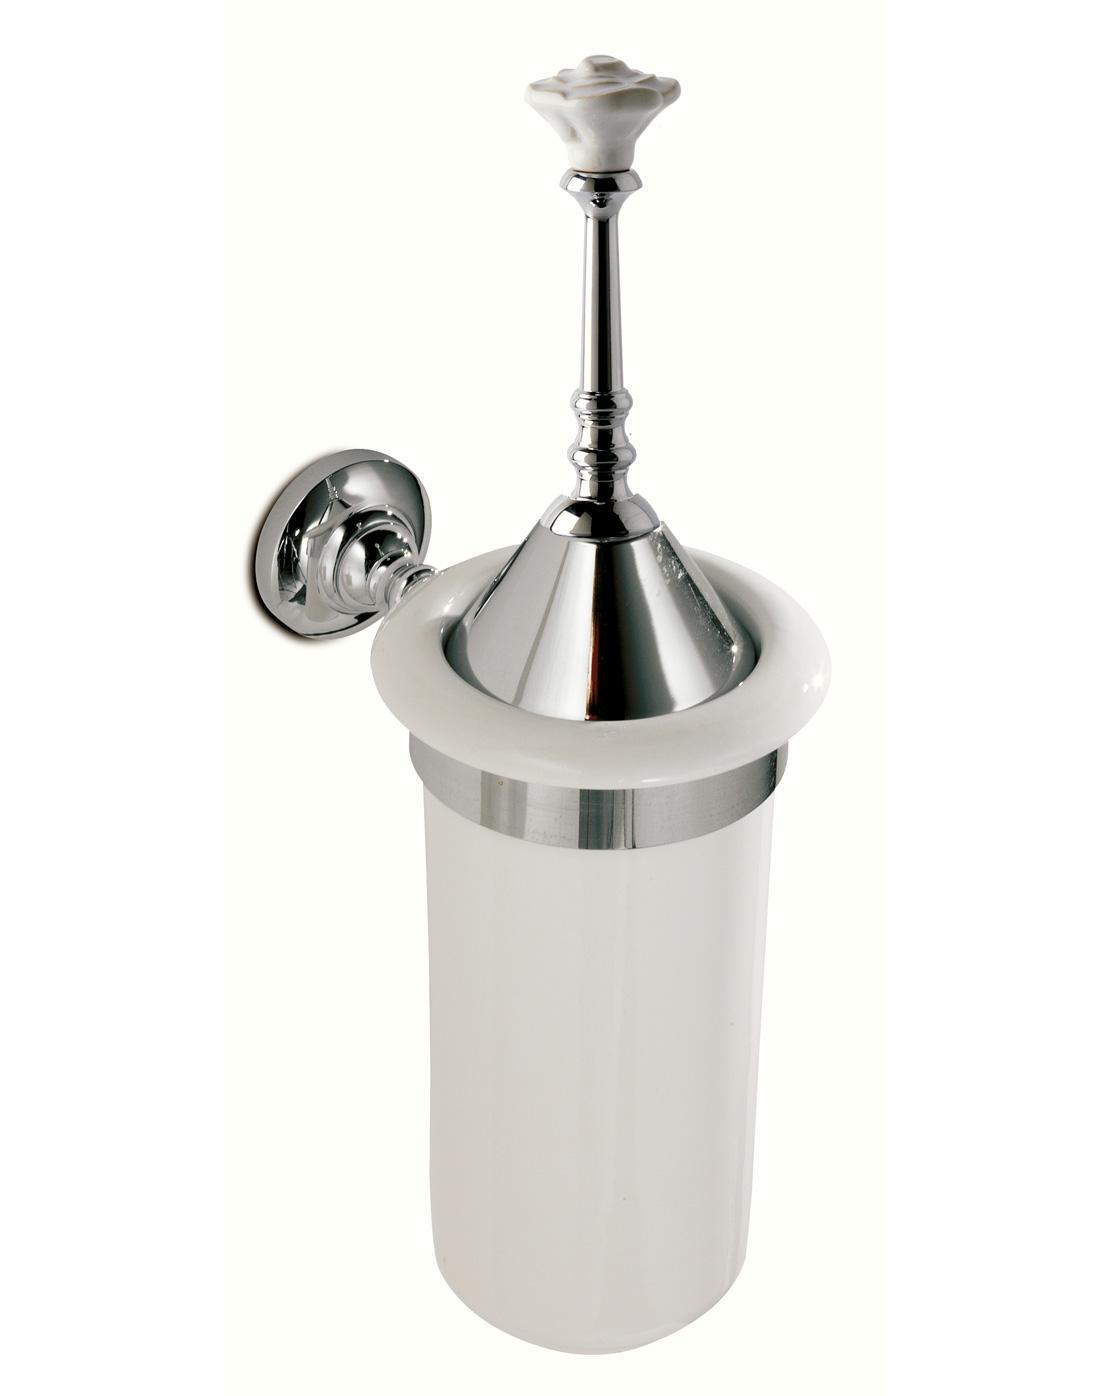 Porta scopino a parete per il bagno Rosy 3sc